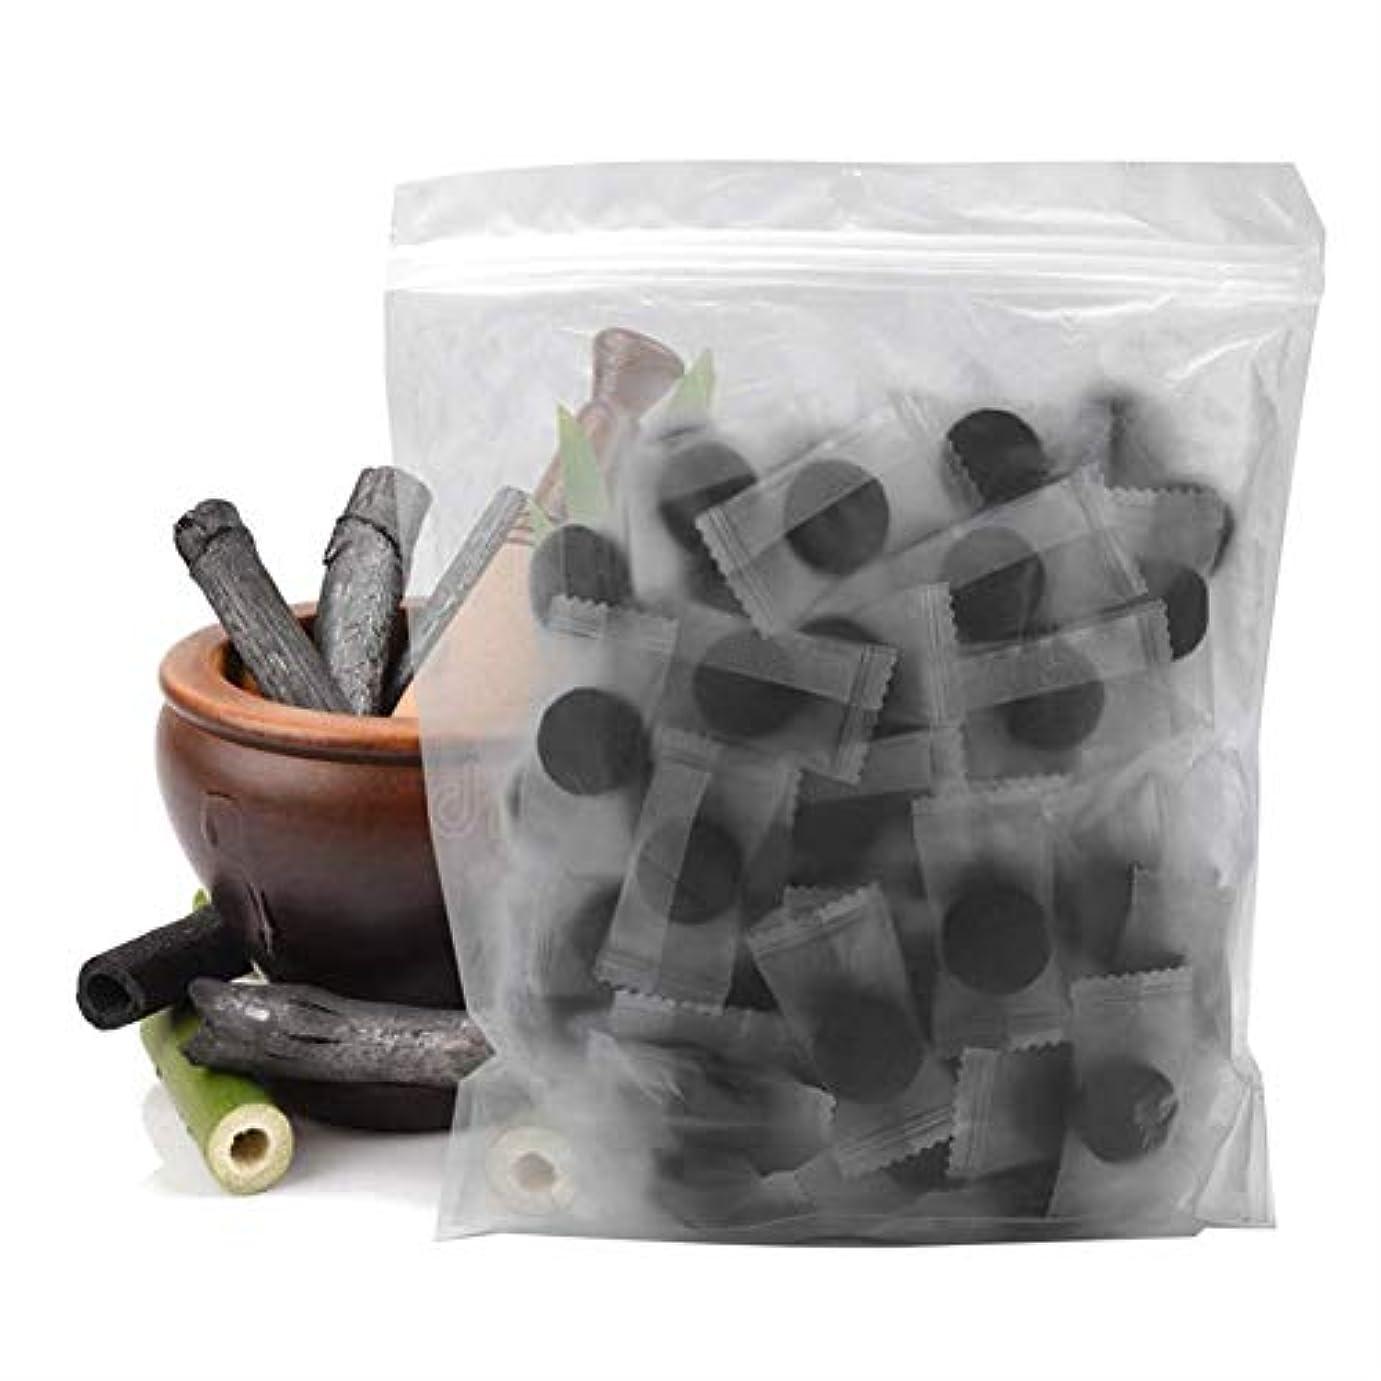 とげ士気かなりコインマスク 竹炭繊維 100枚入れ 圧縮フェースマスク 紙DIY スキンケア DIY フェイシャルマスク